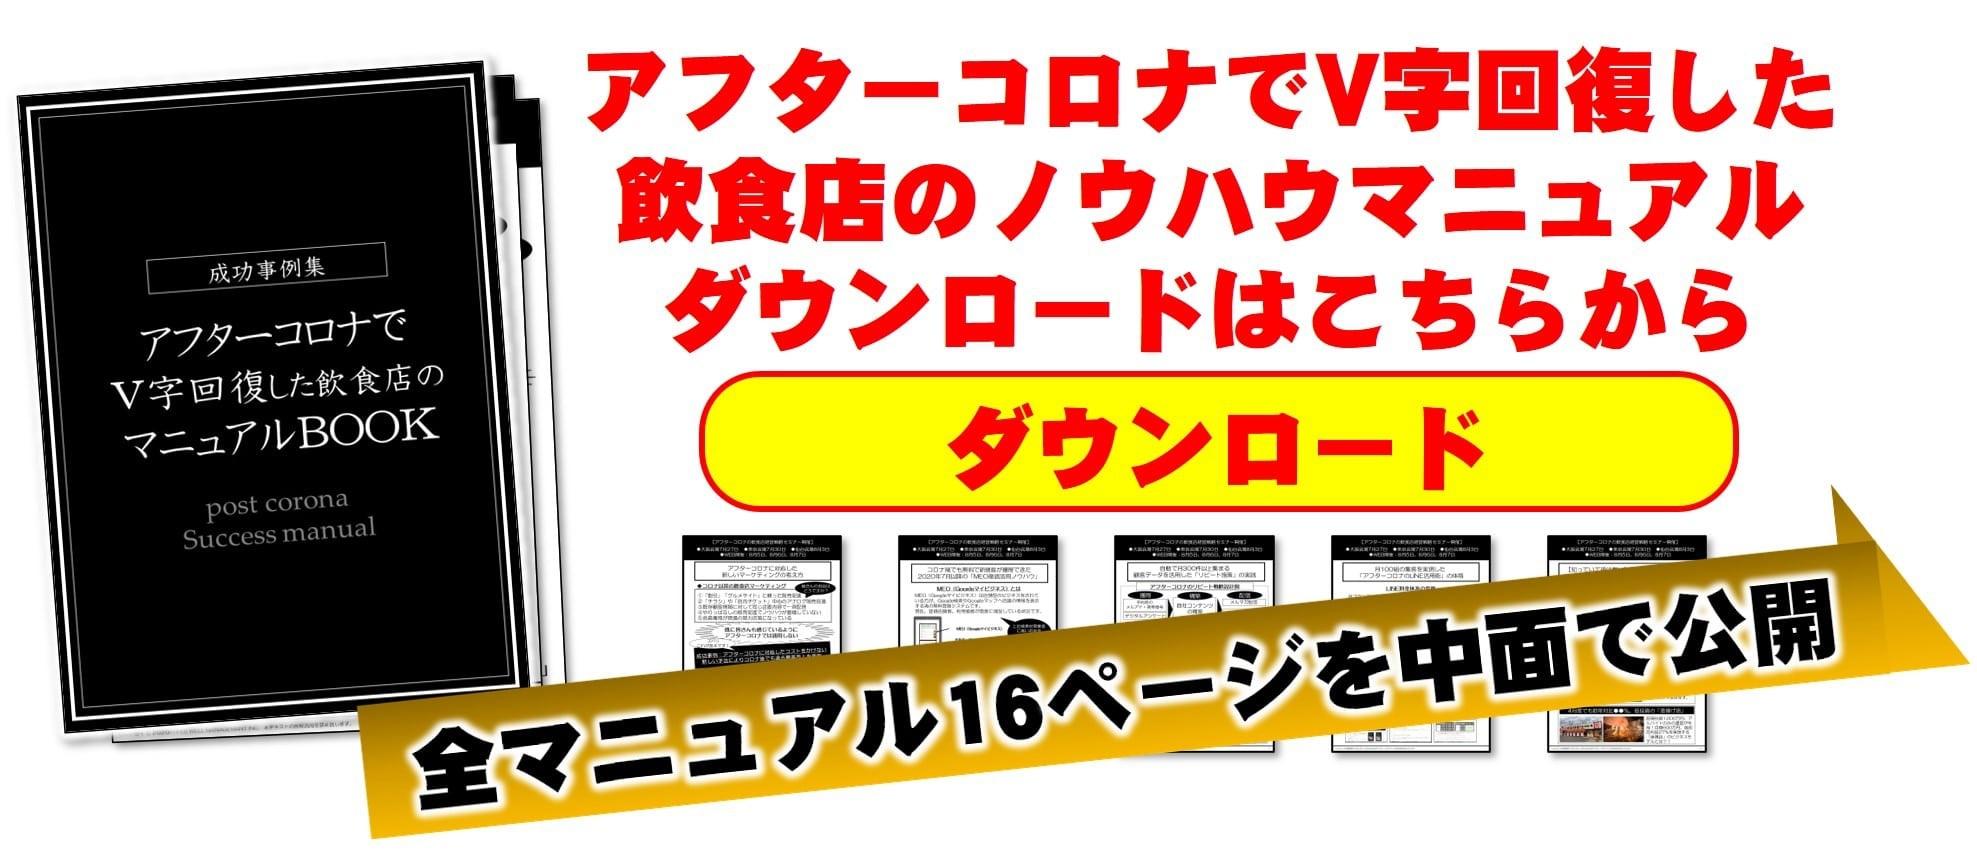 アフターコロナ飲食店経営戦略セミナー(仙台会場)